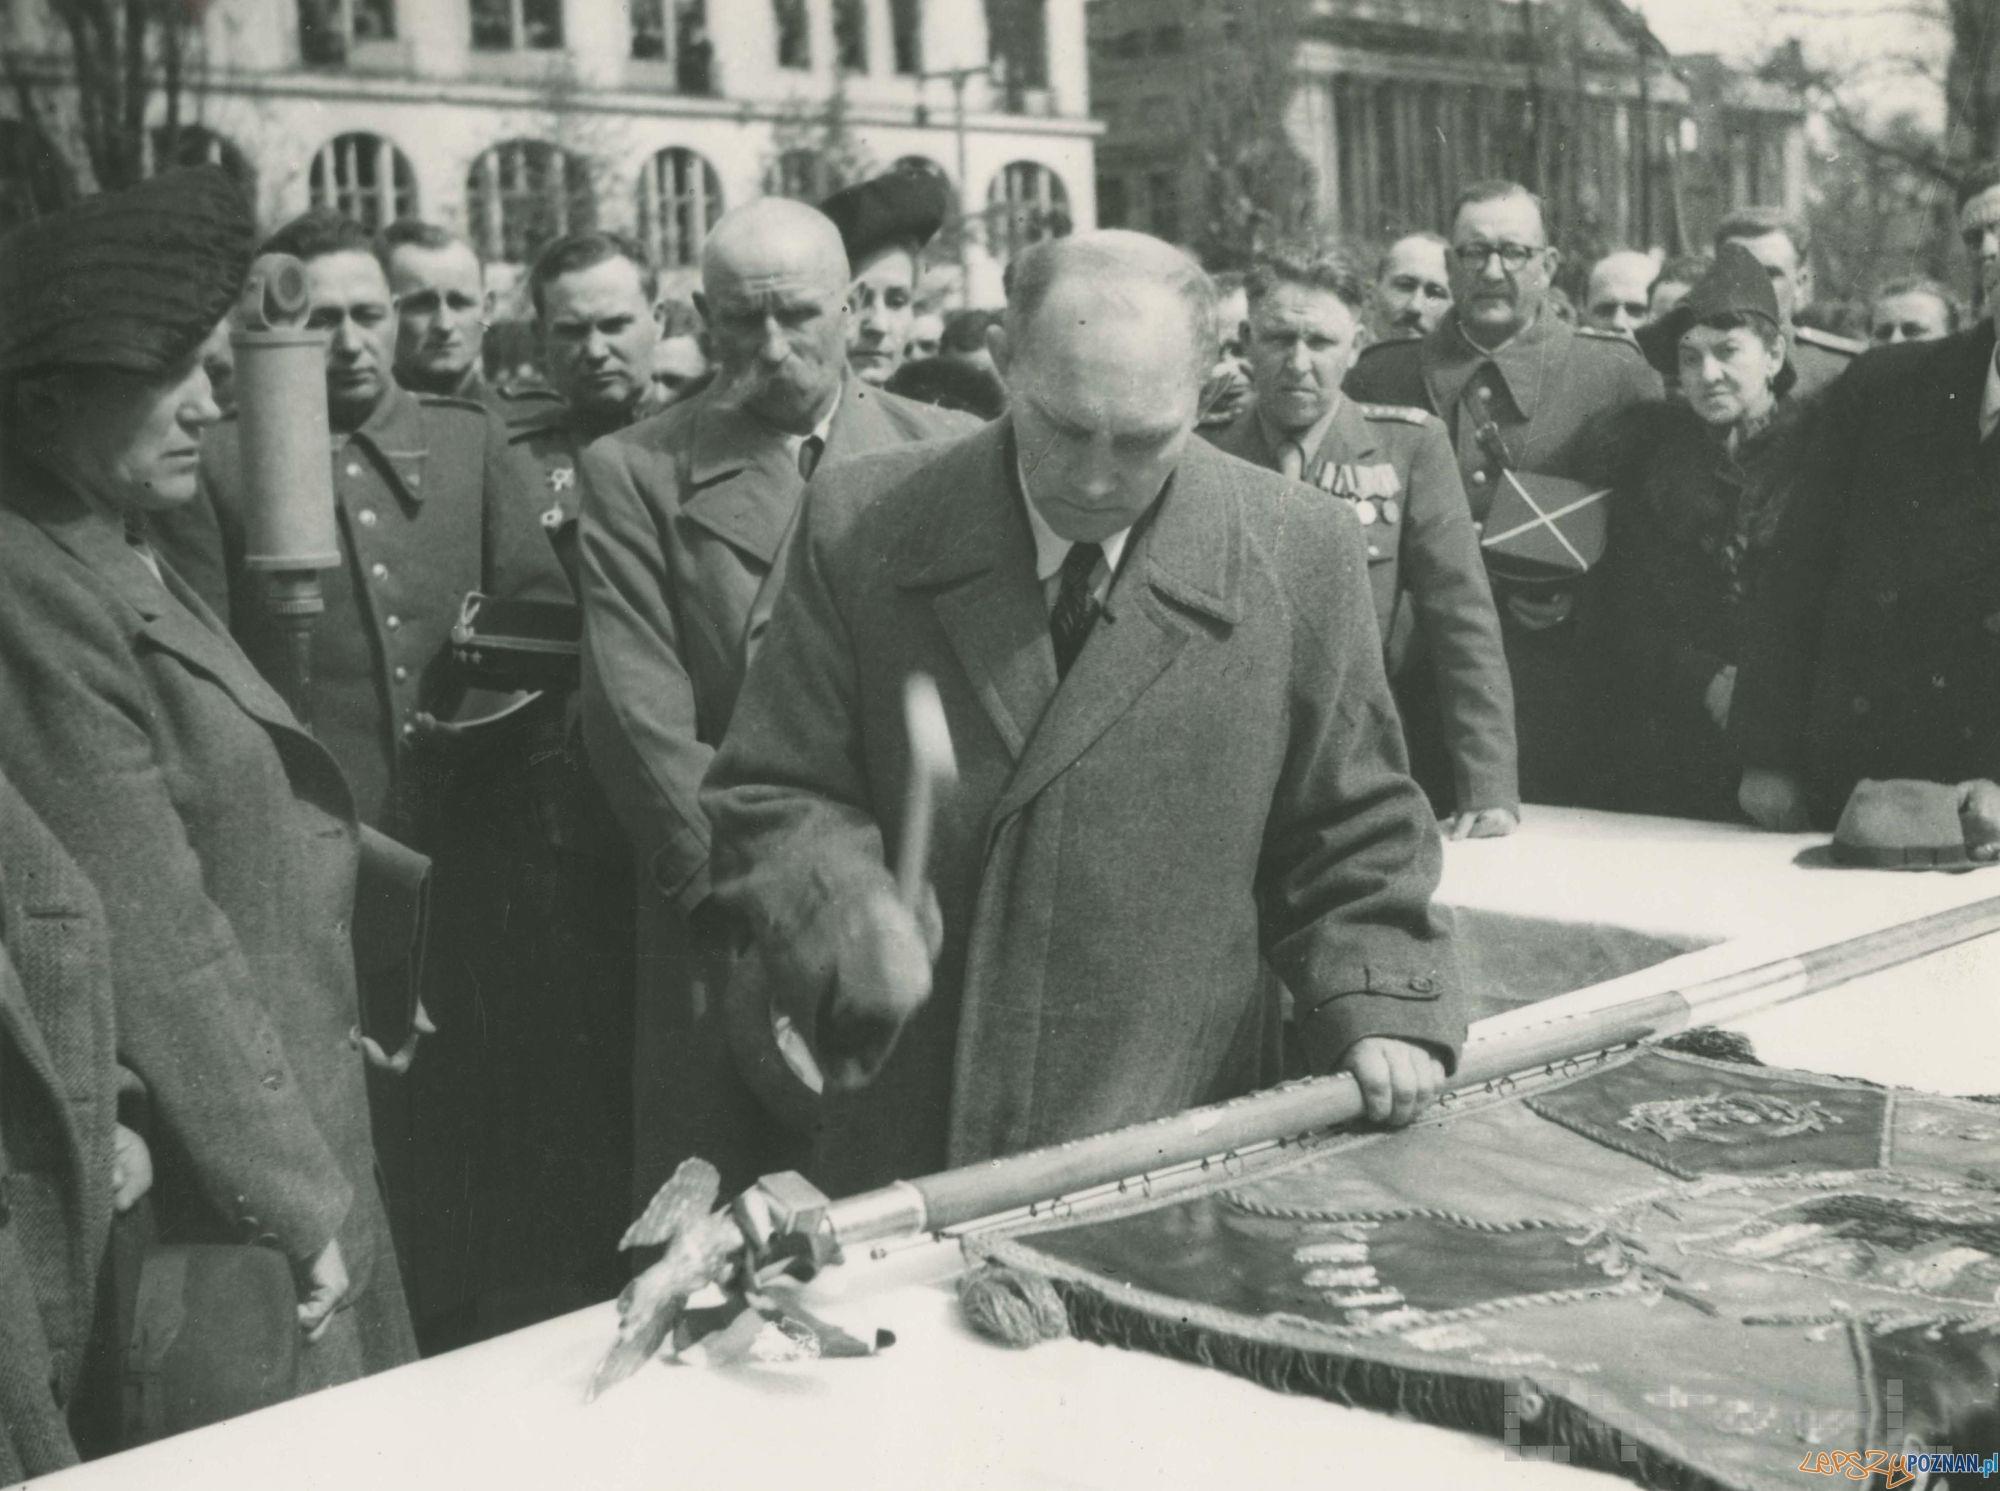 Prezydent Poznania Feliks Maciejewski wbija pamiątkowe gwoździe w drzewiec sztandaru 3. brygady pancernej II Armii Wojska Polskiego w czasie ceremonii na placu Wolności - 22.04.1945